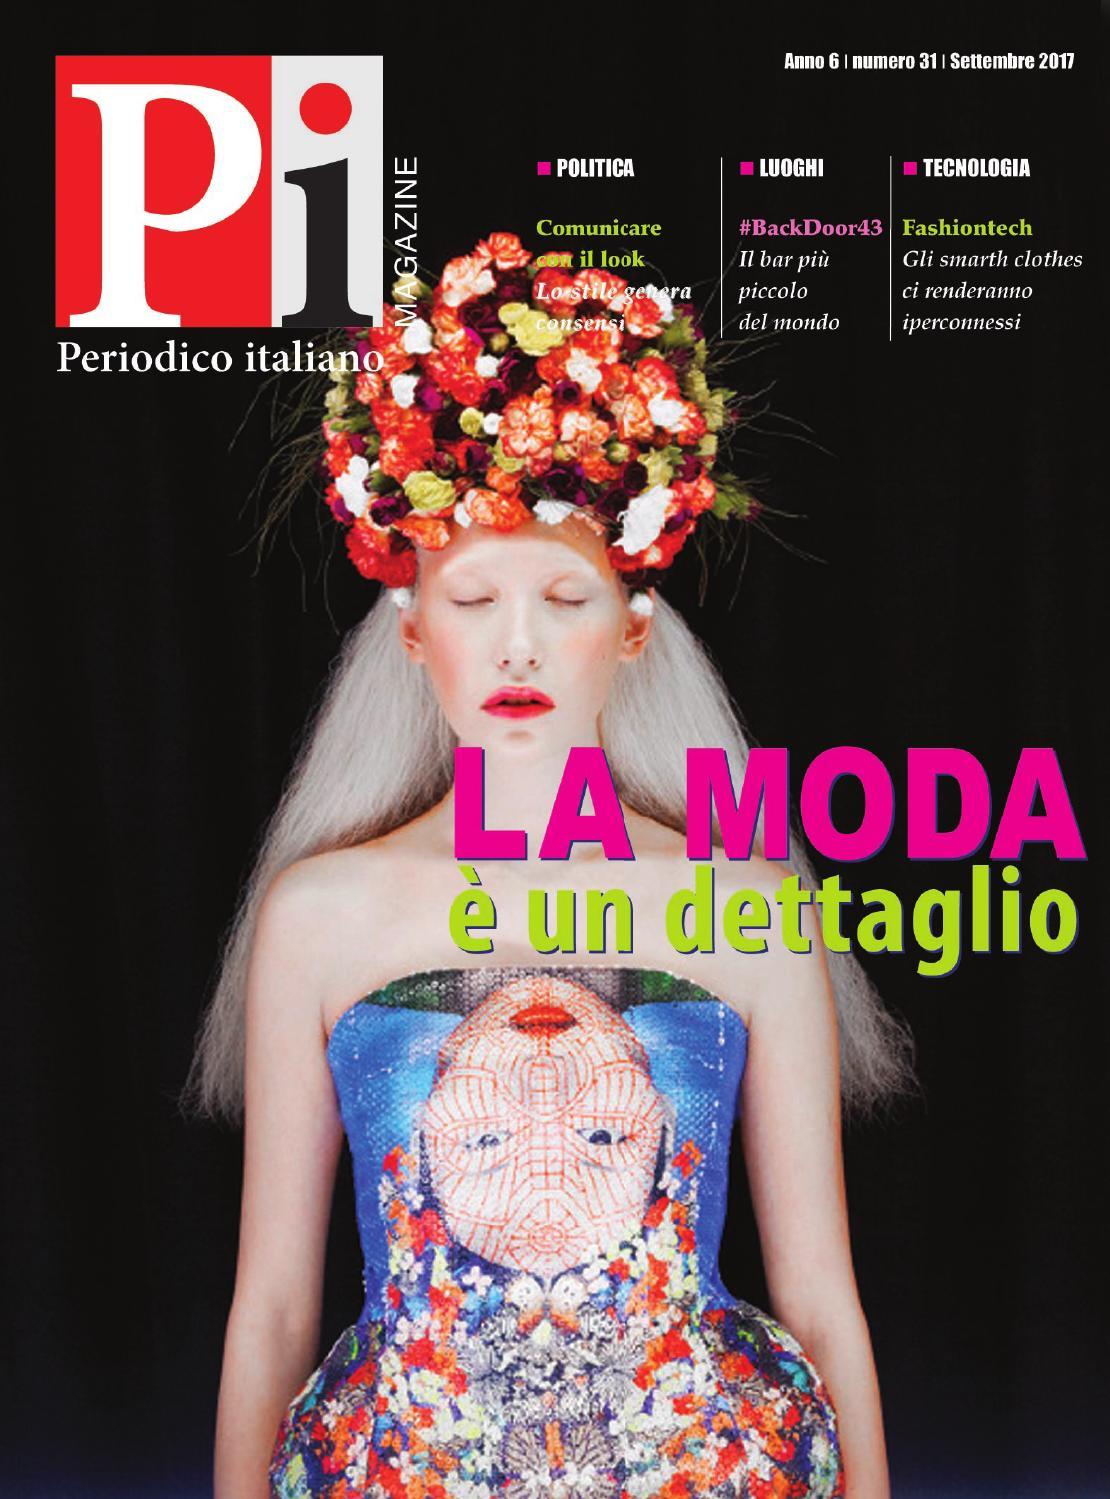 Periodico italiano magazine settembre 2017 by Periodico italiano magazine -  issuu abb82473b0d8